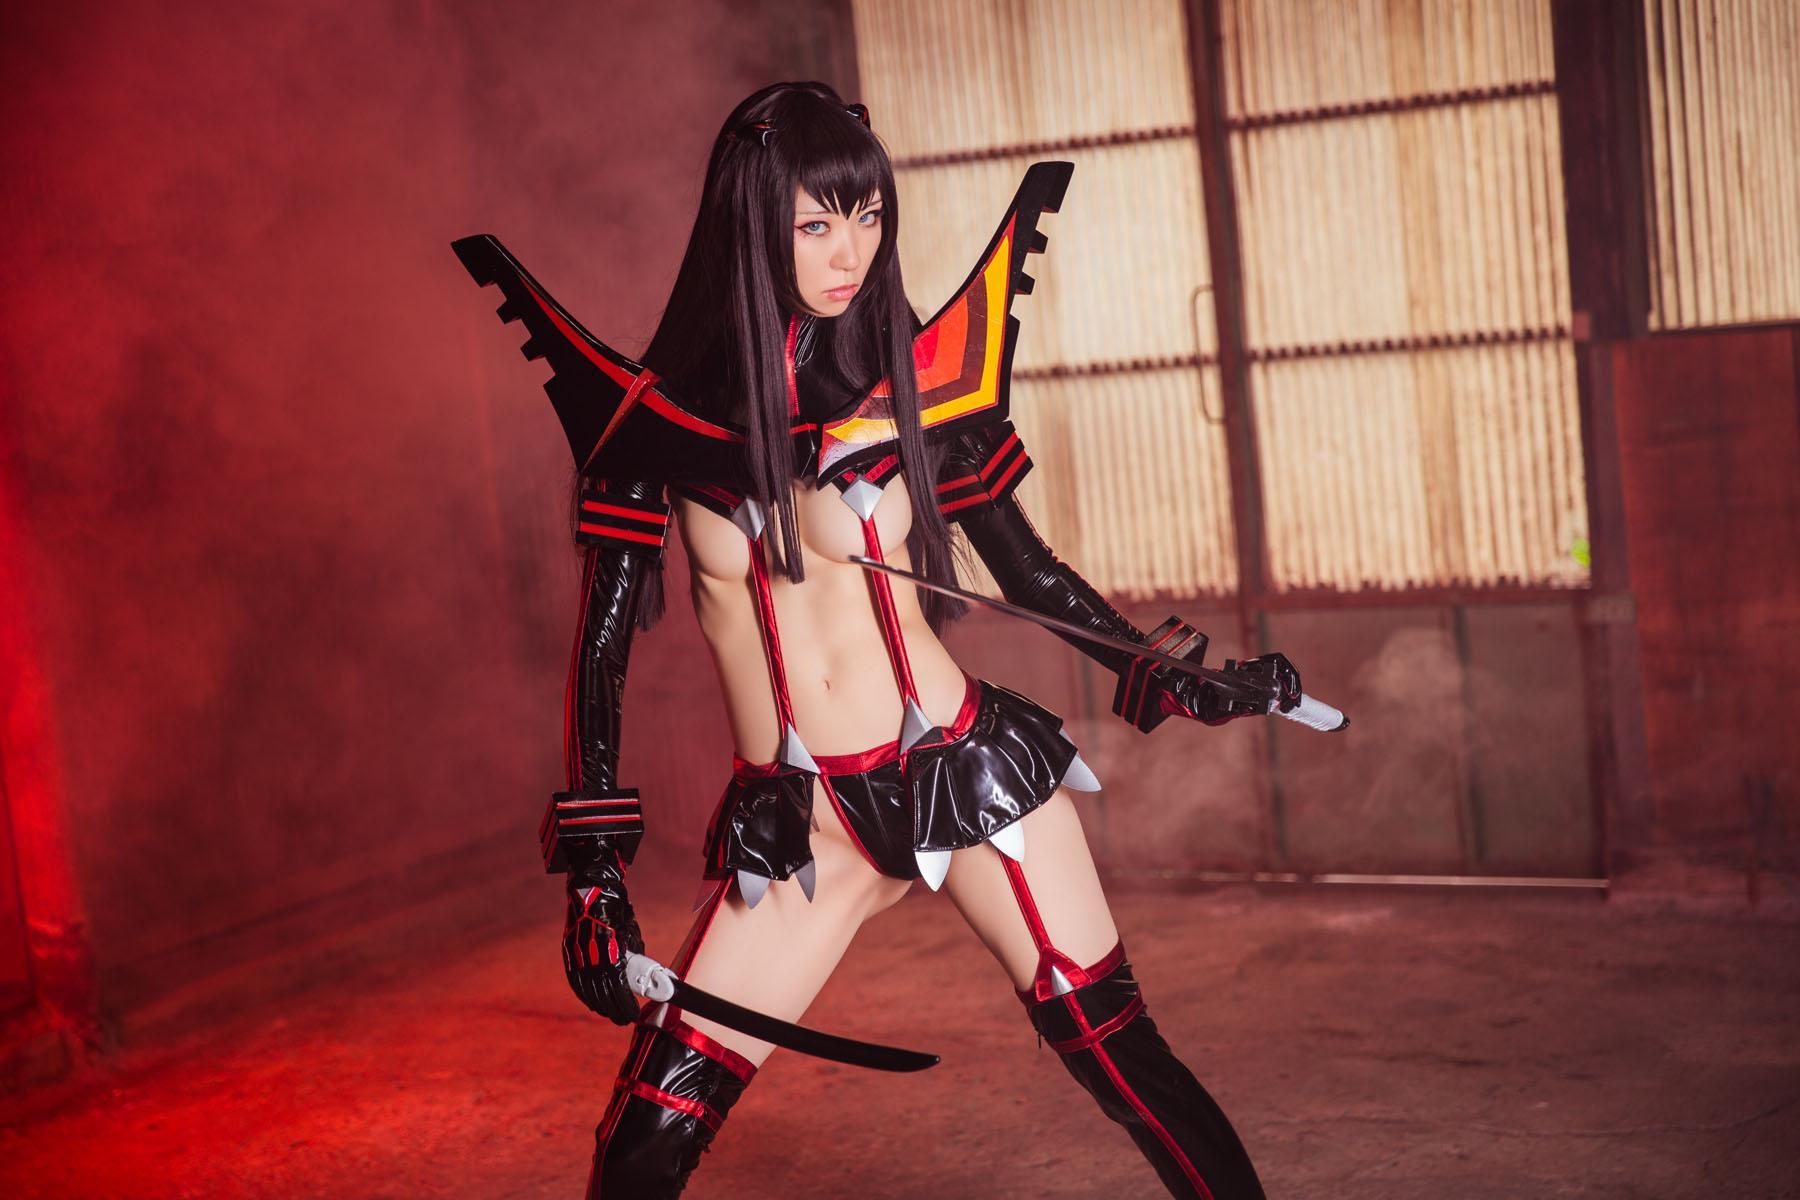 Kill la Kill Satsuki Kiryuuin anime cosplay by Mikehouse 0024